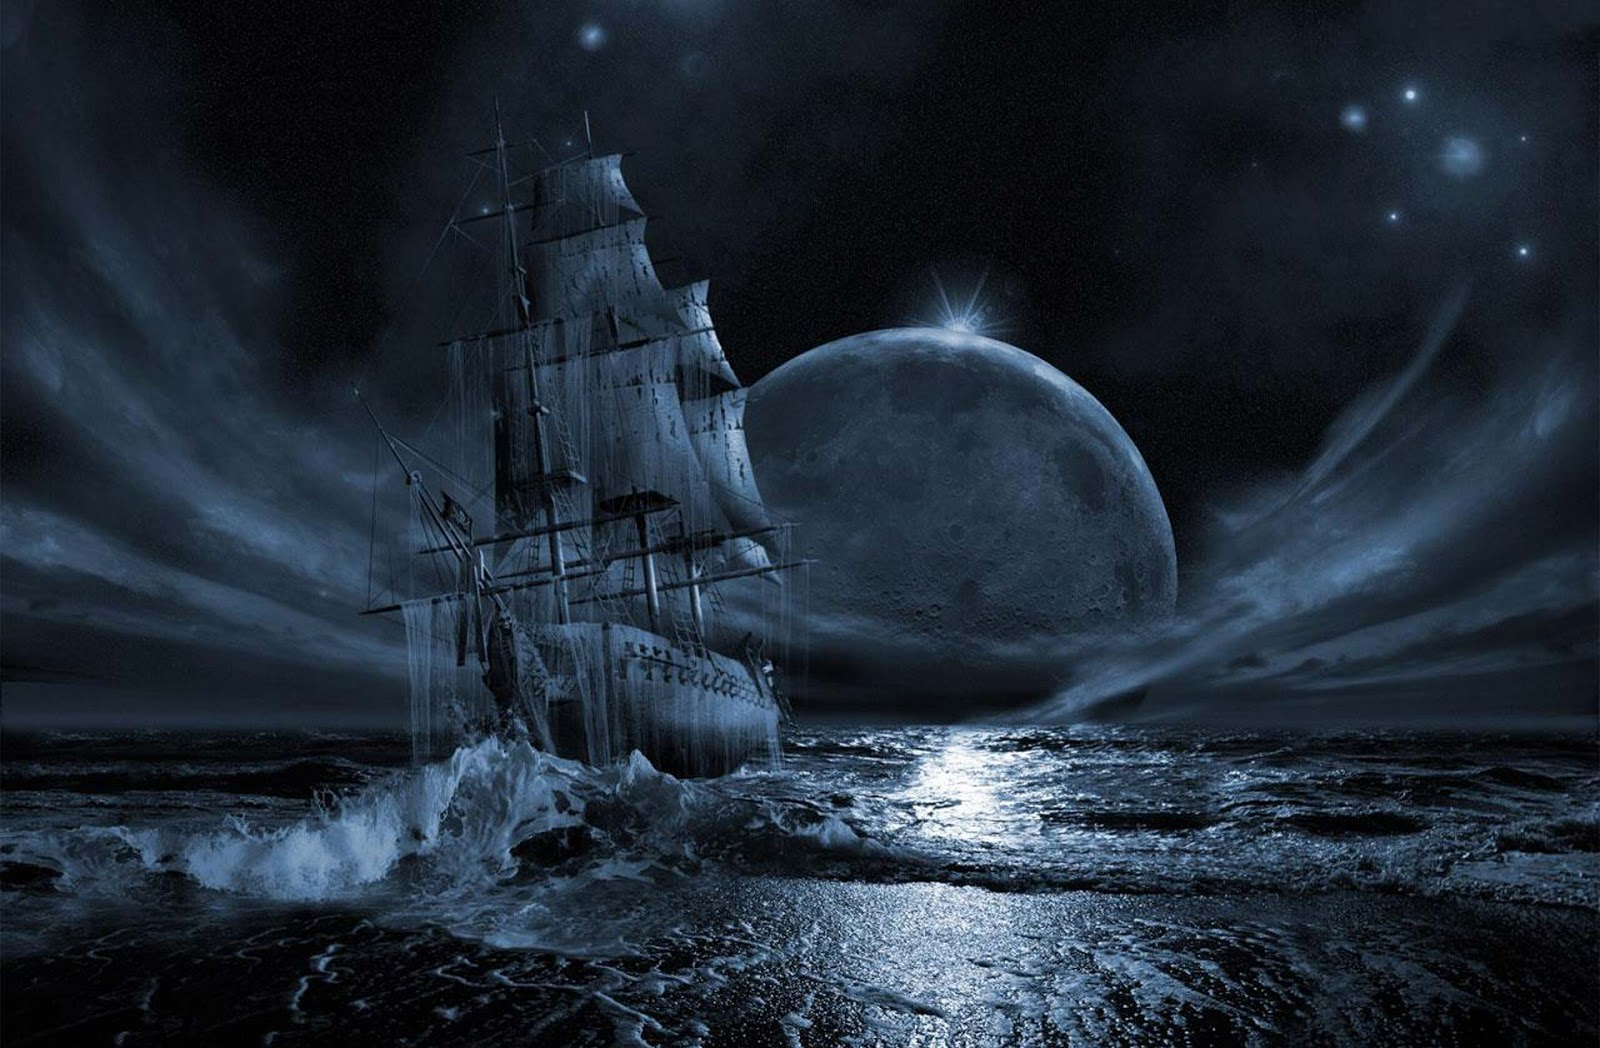 barcos antiguos wallpaper - photo #39